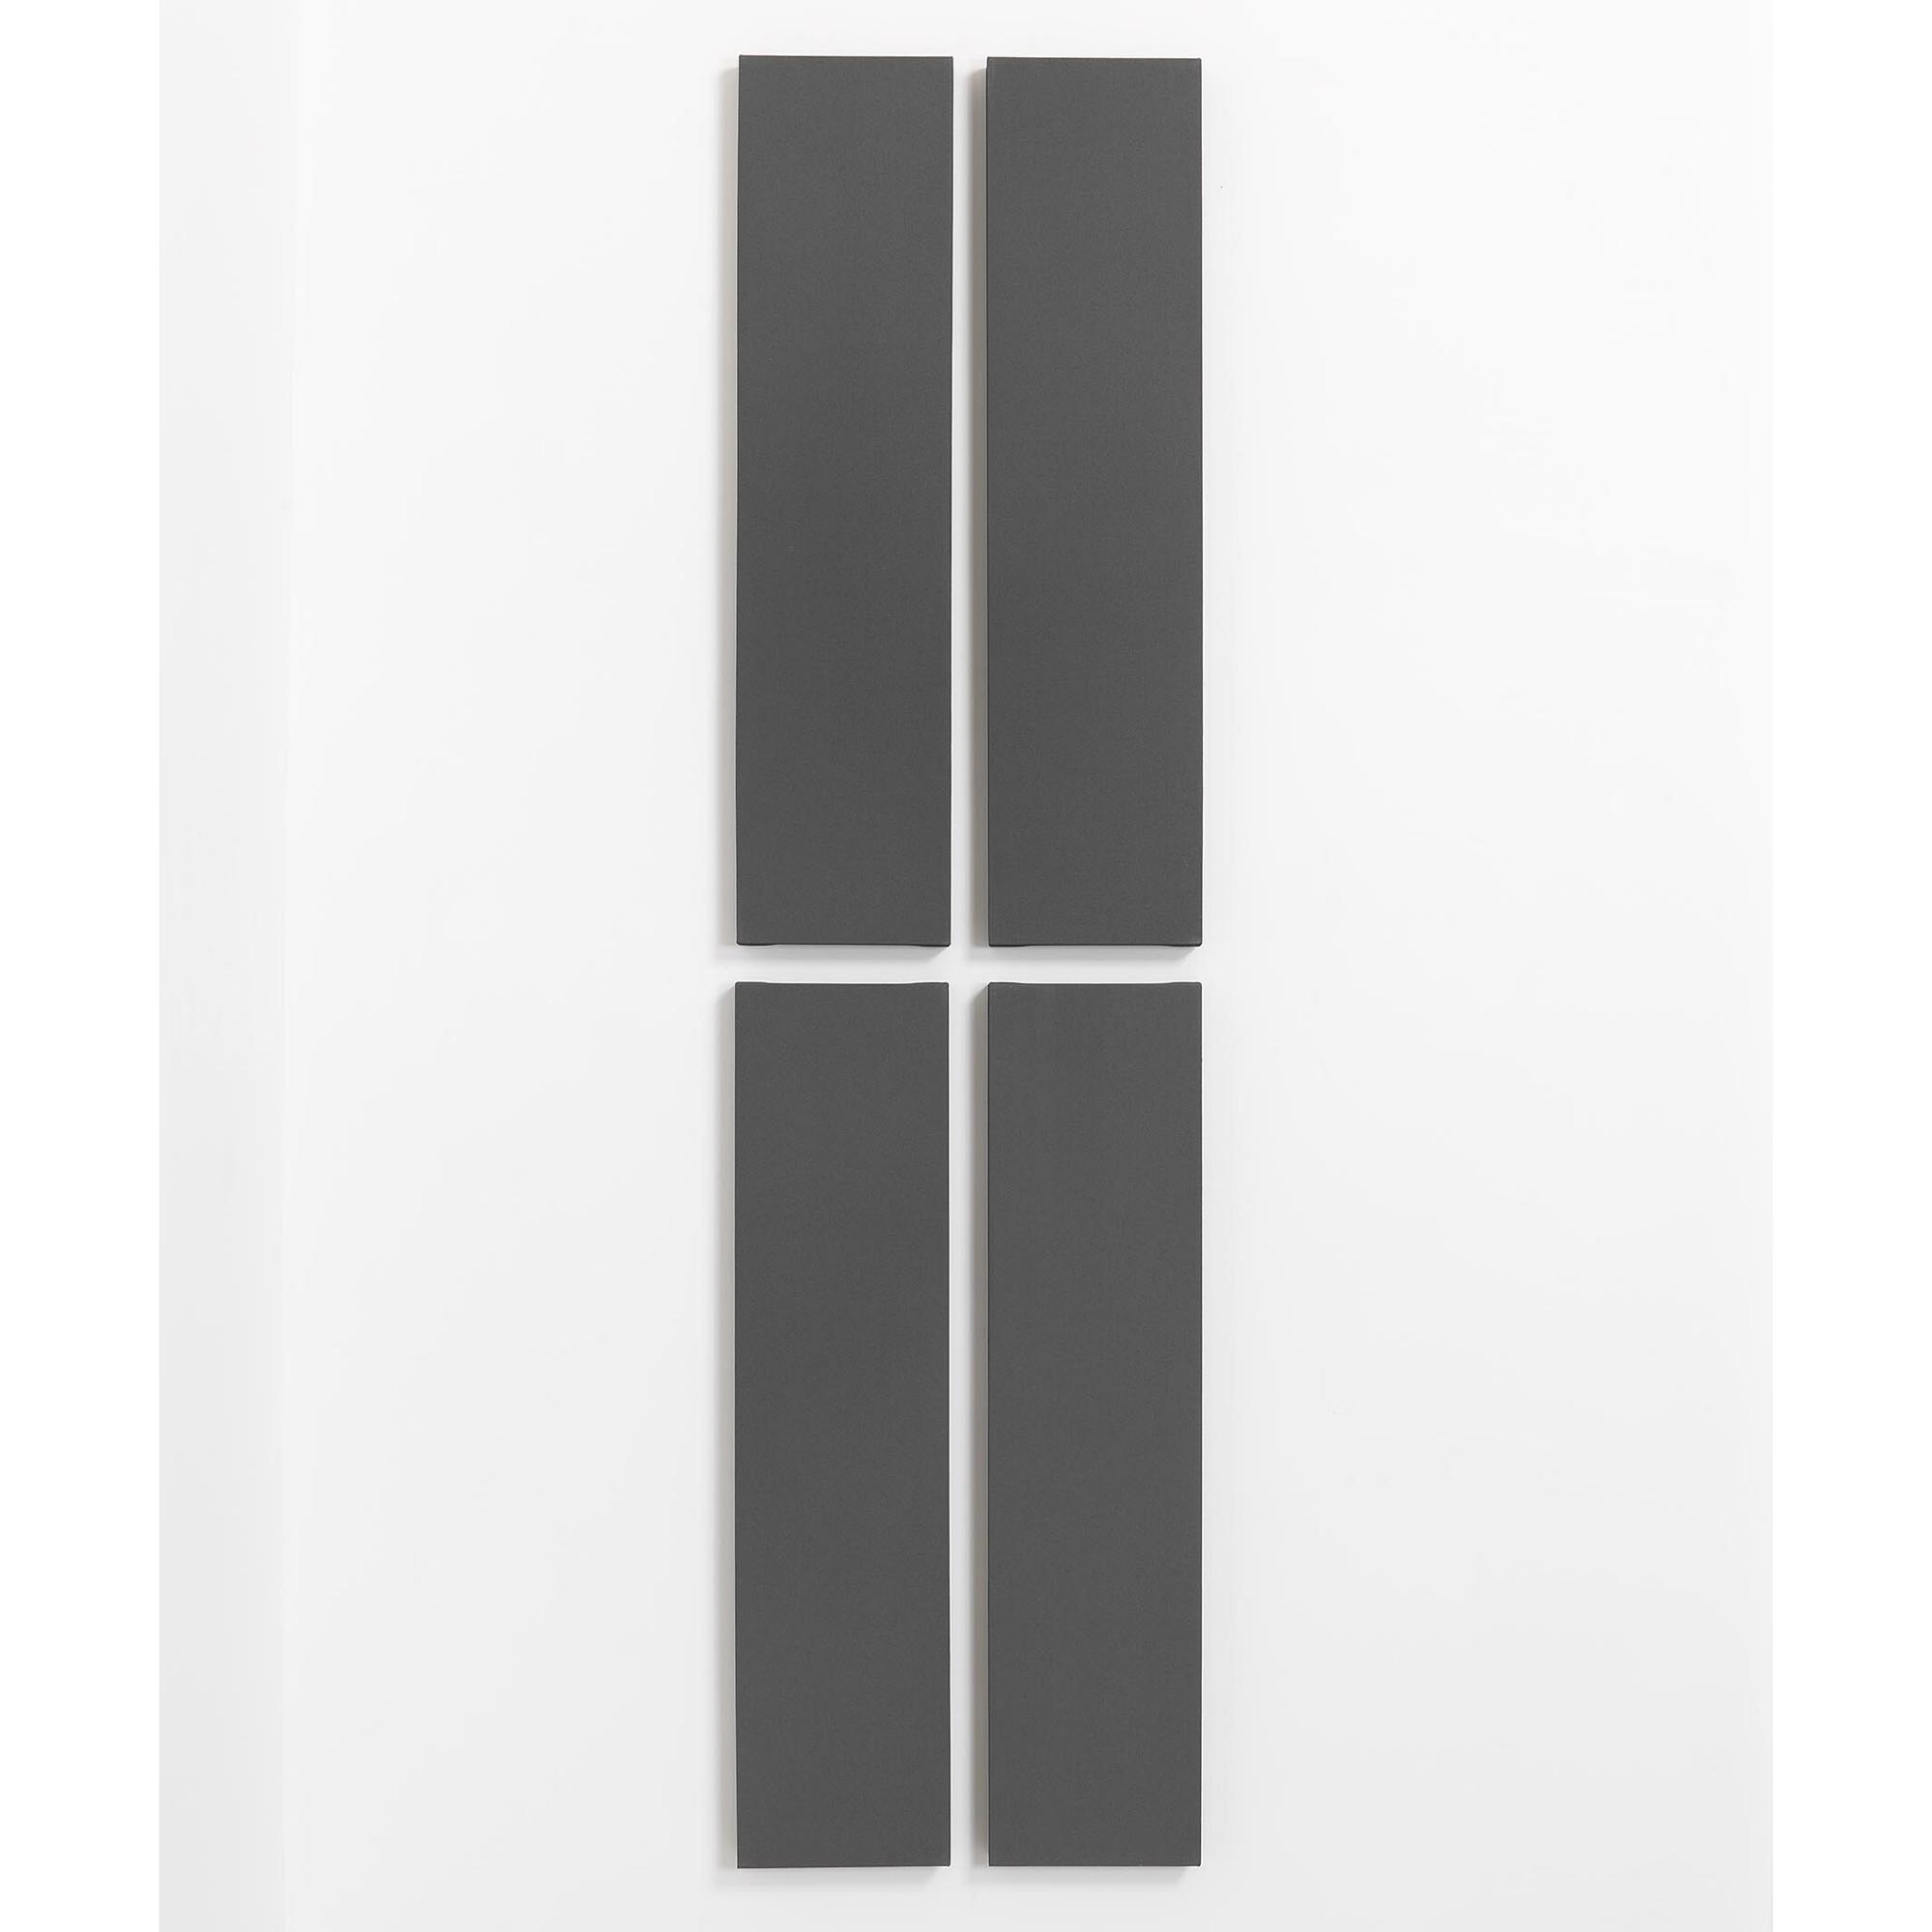 4 Vertical Parts